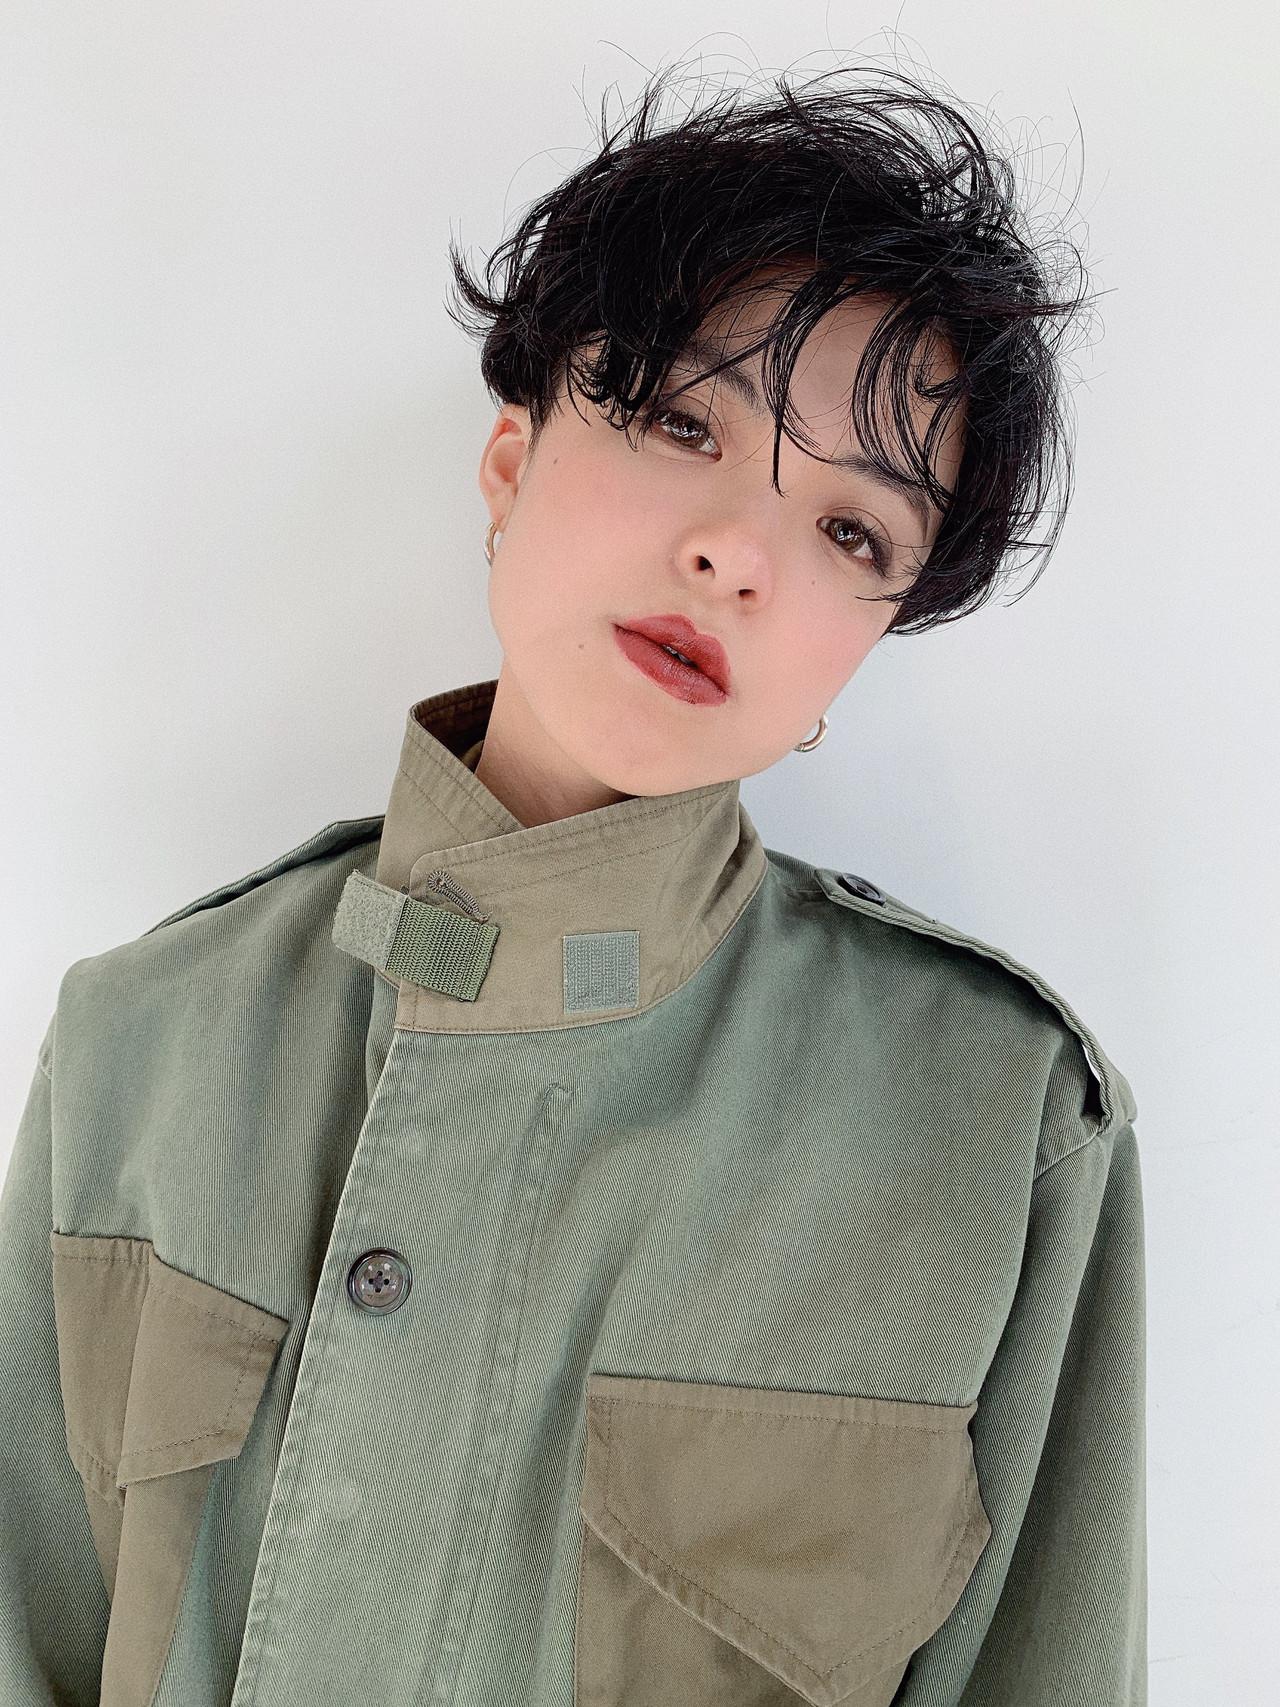 阿藤俊也 PEEK-A-BOO パーマ モード ヘアスタイルや髪型の写真・画像